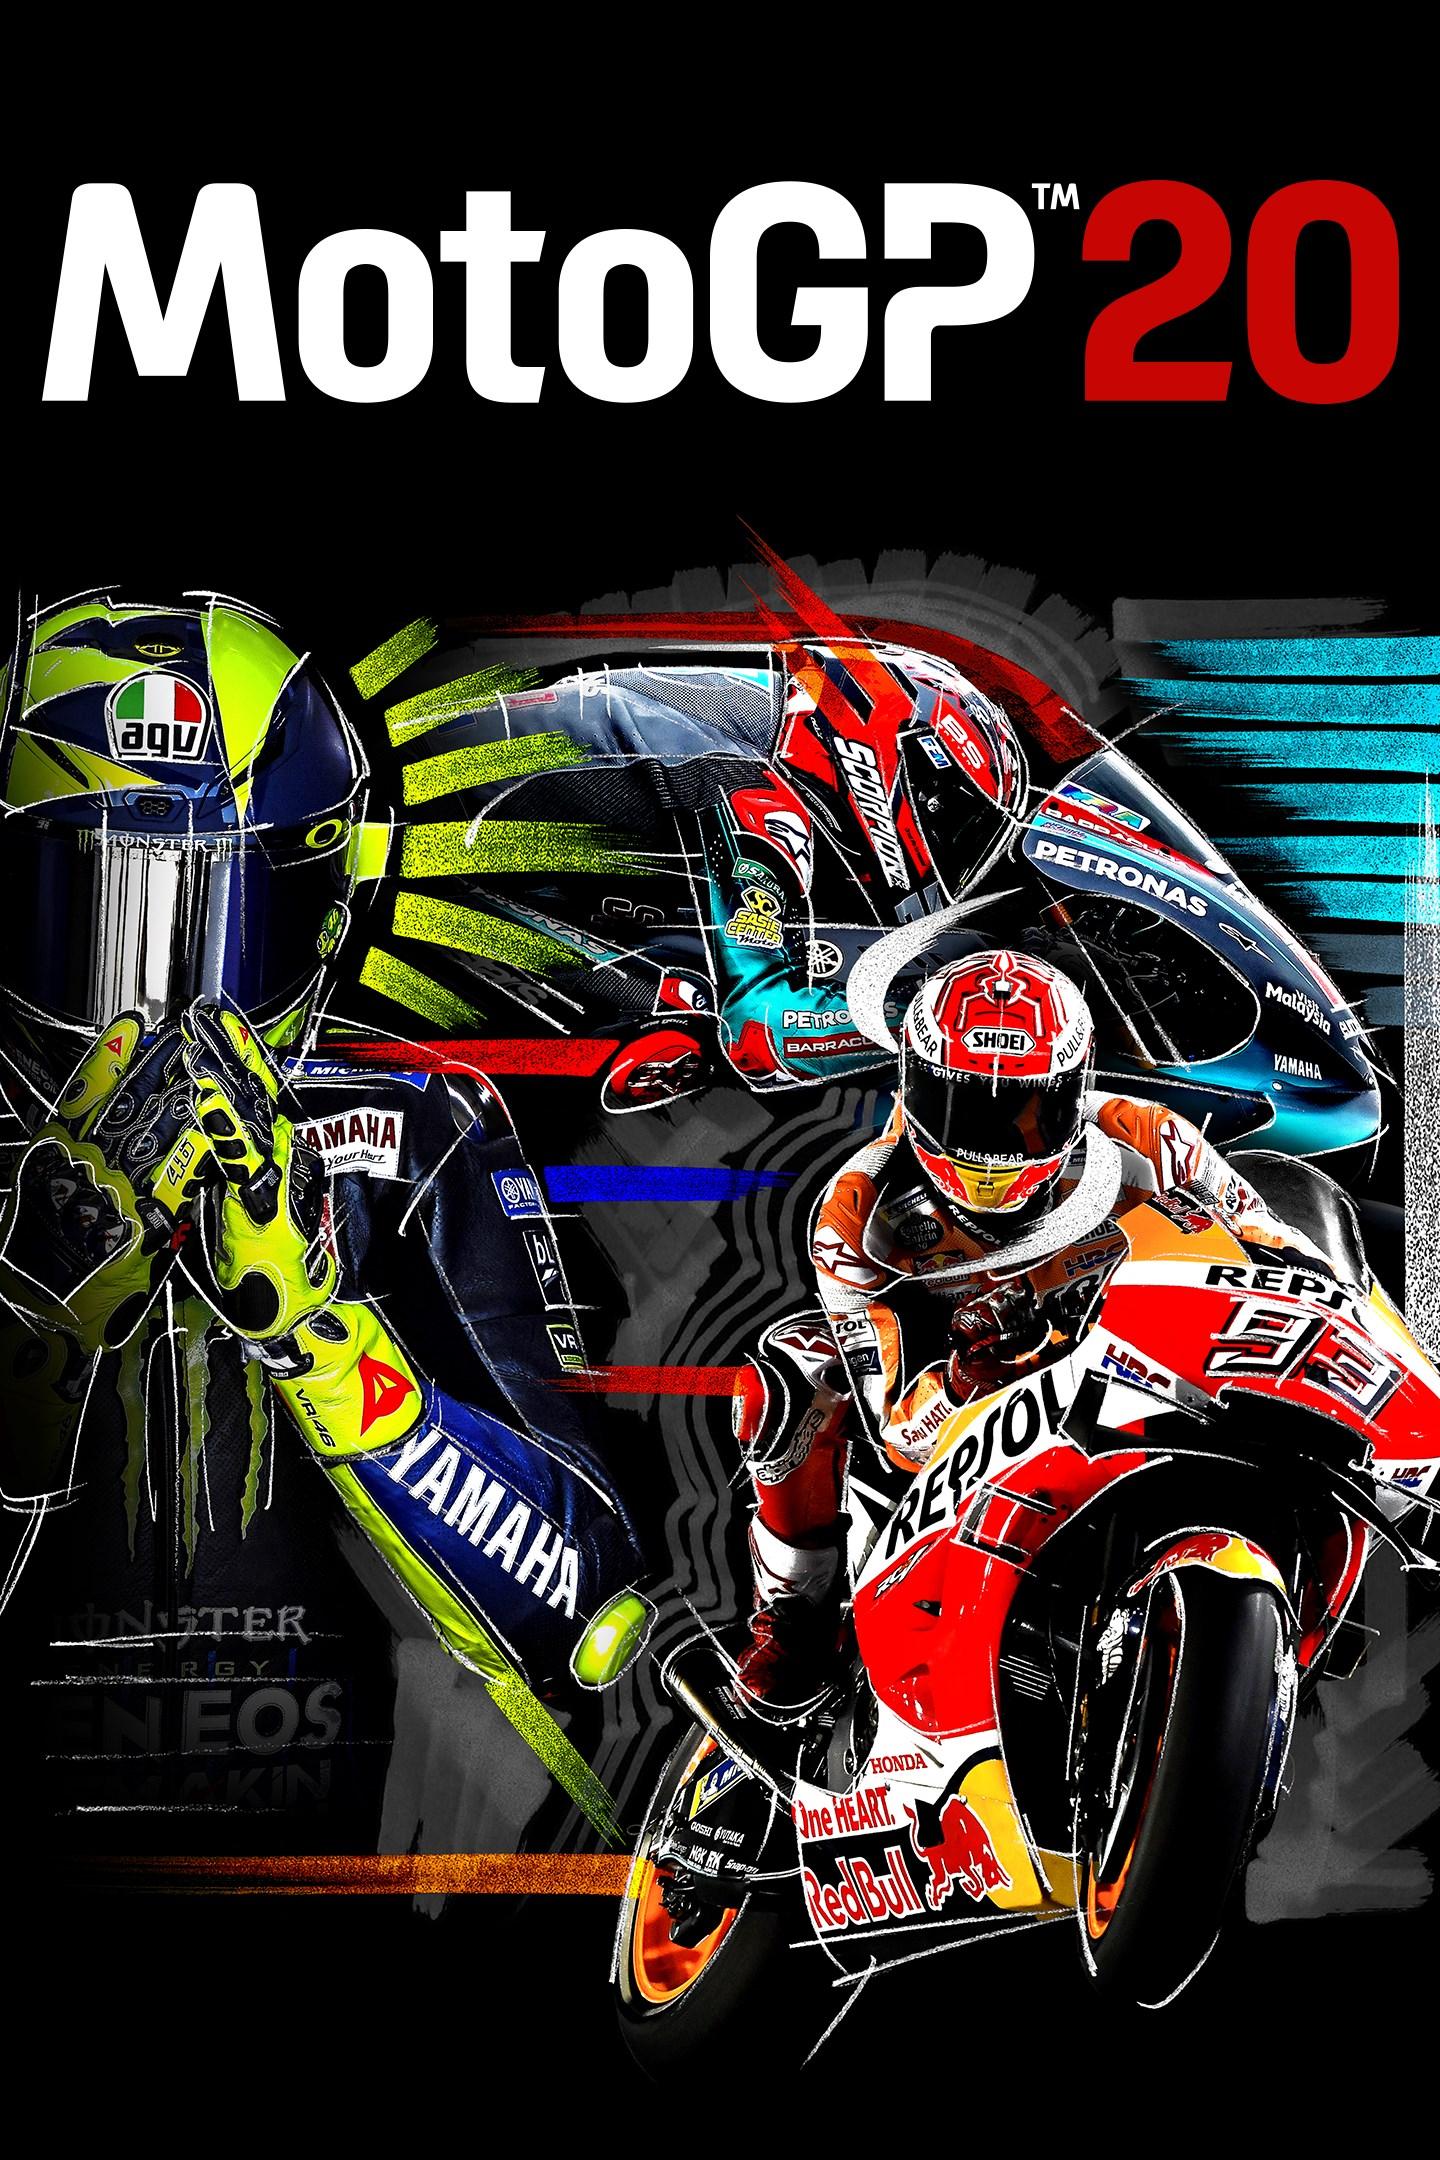 MotoGP ™ 20 Satın Al - Microsoft Store tr-TR